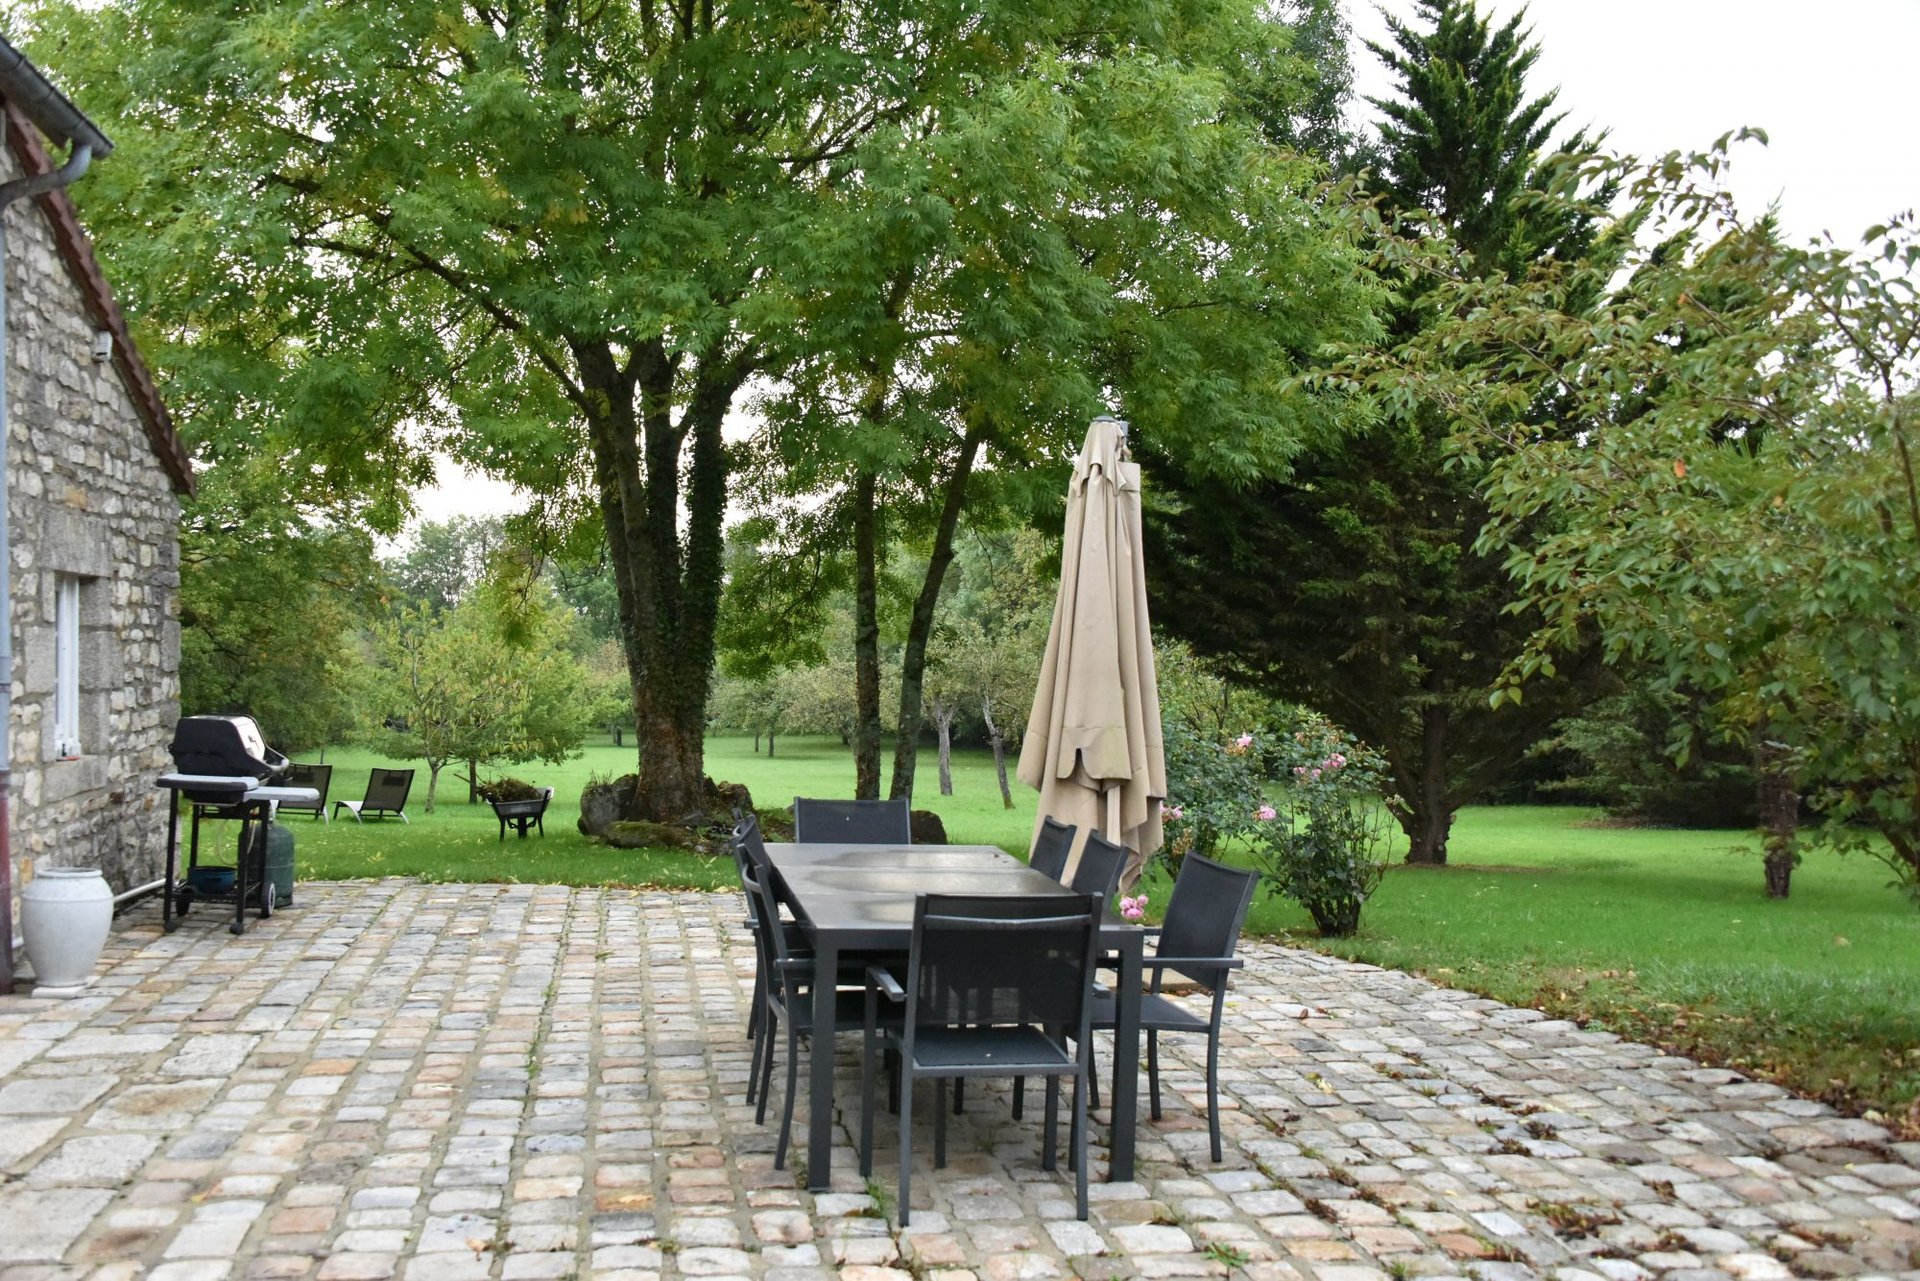 Magnifique propriété, longère restaurée avec goût et matériaux de qualité